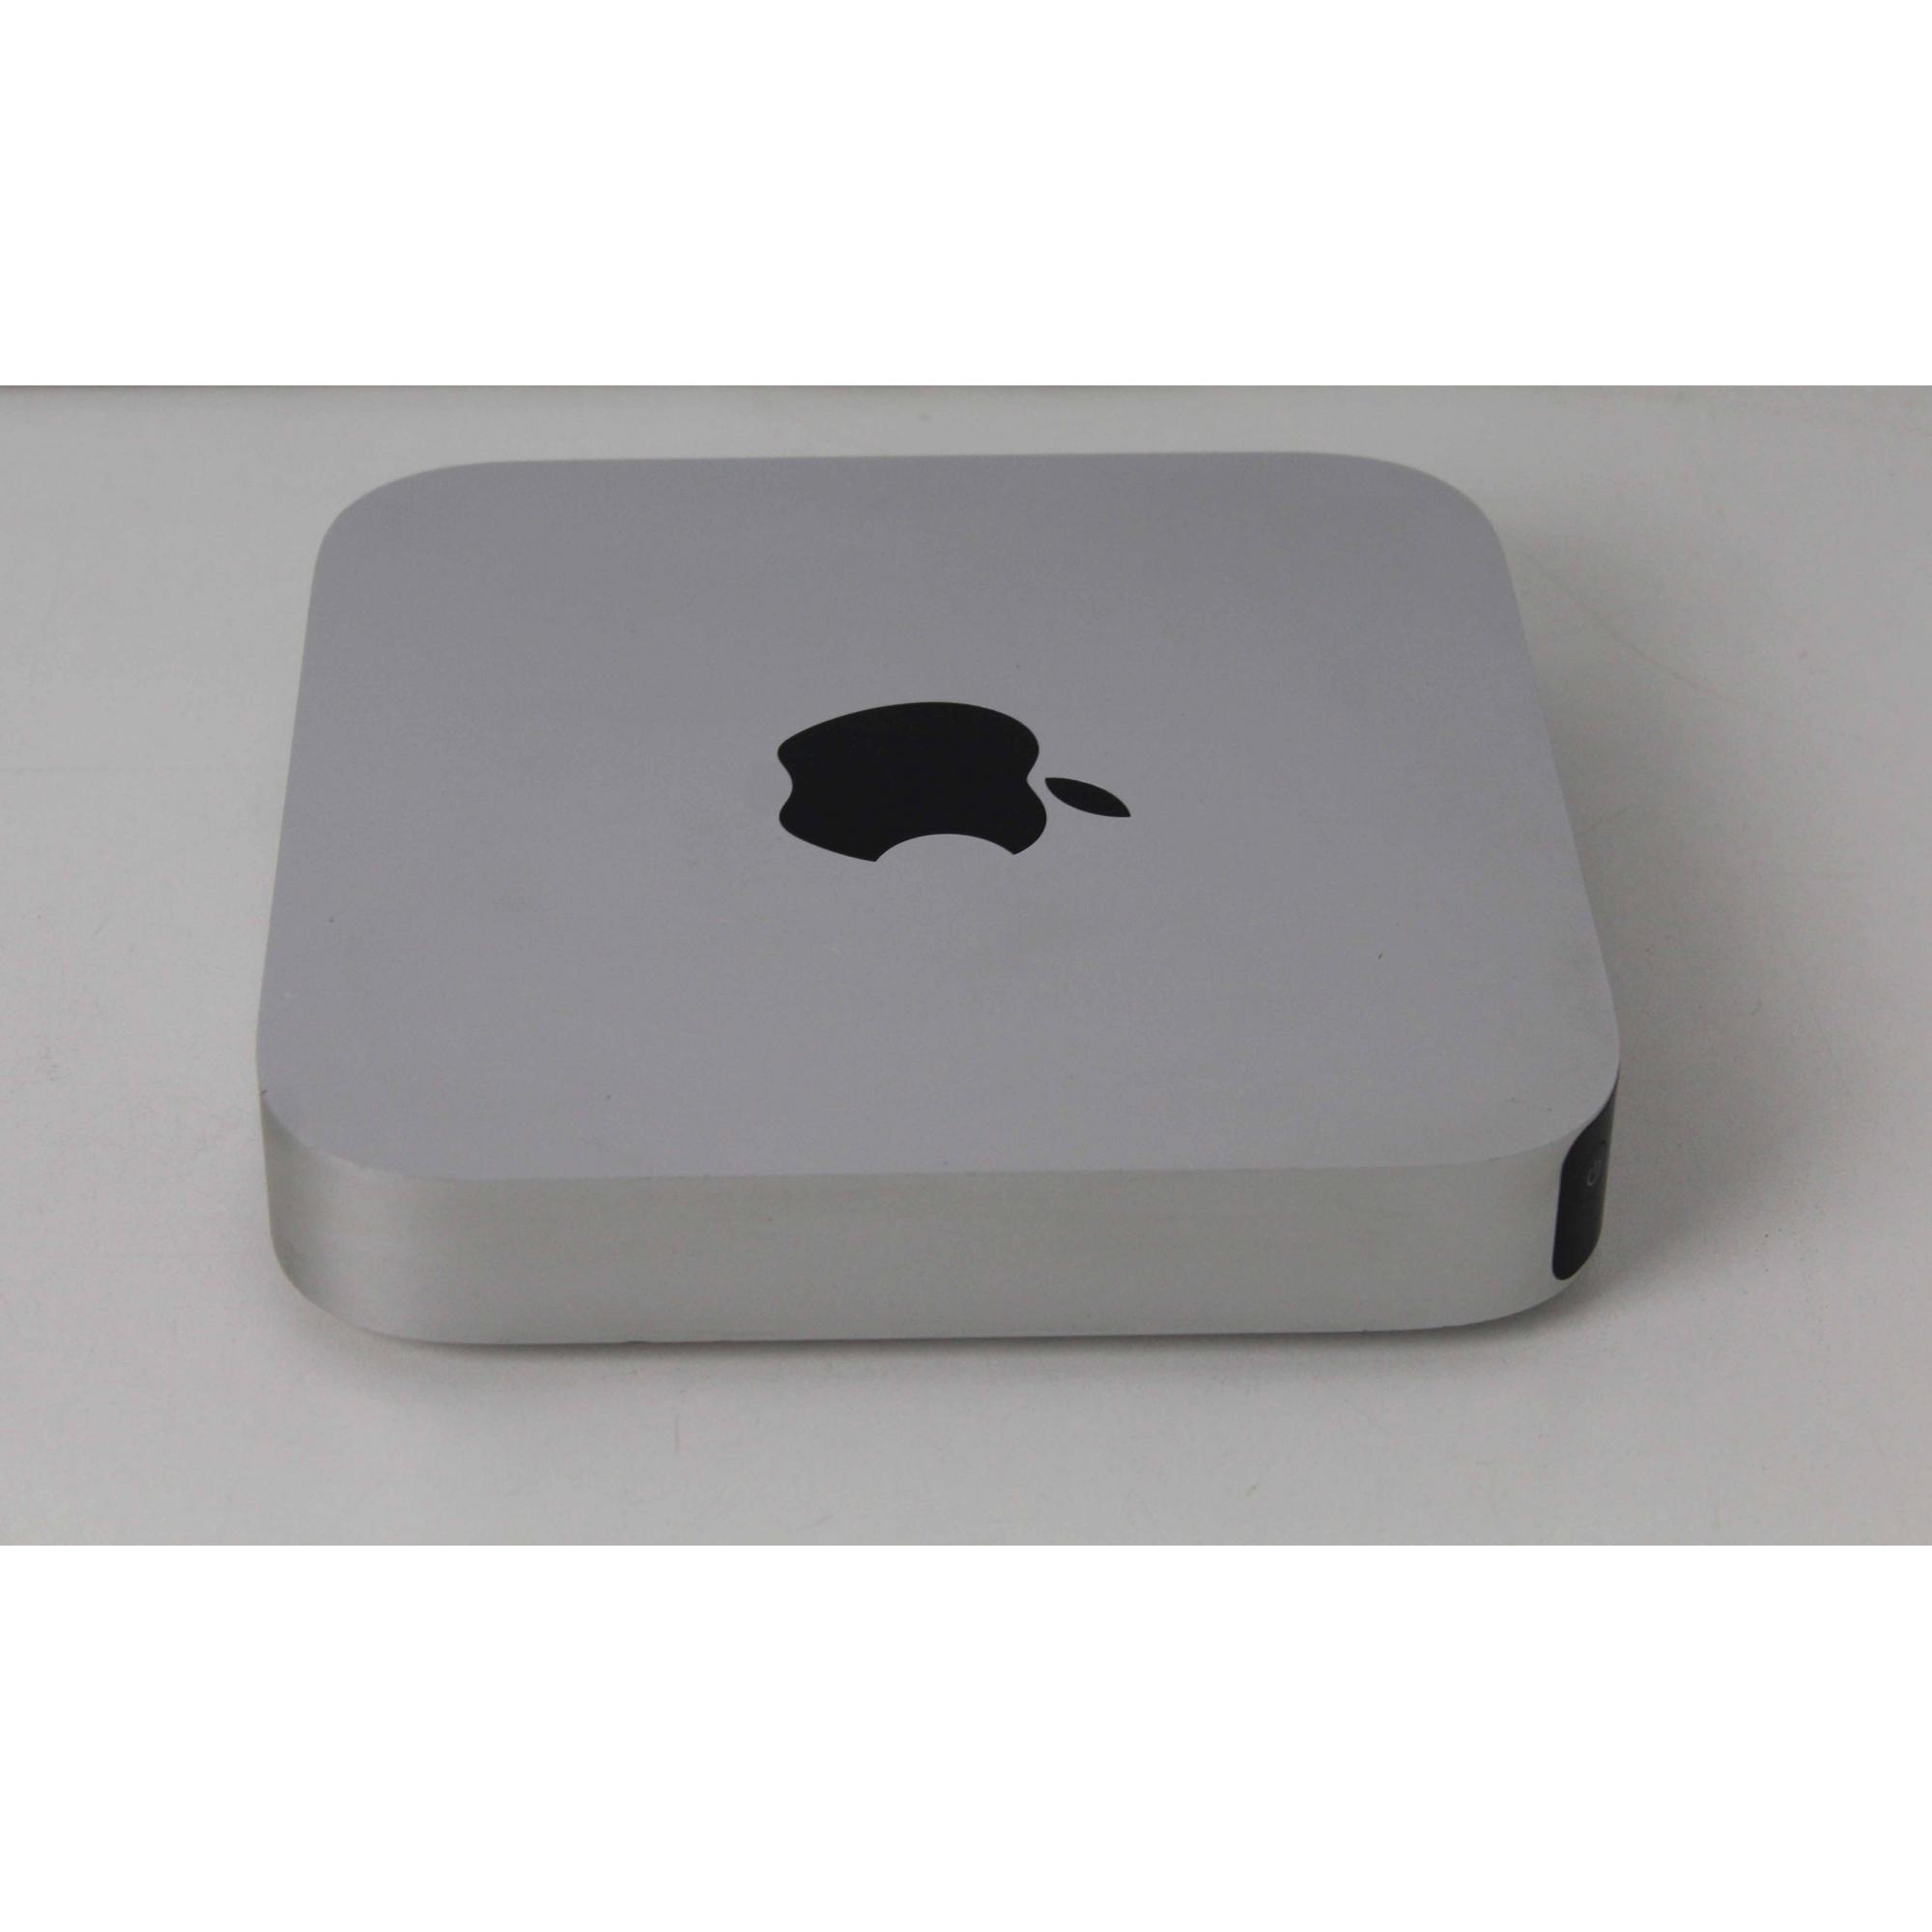 Mac Mini MD387BZ/A Intel Core i5 2.5GHz 8GB SSD-256GB